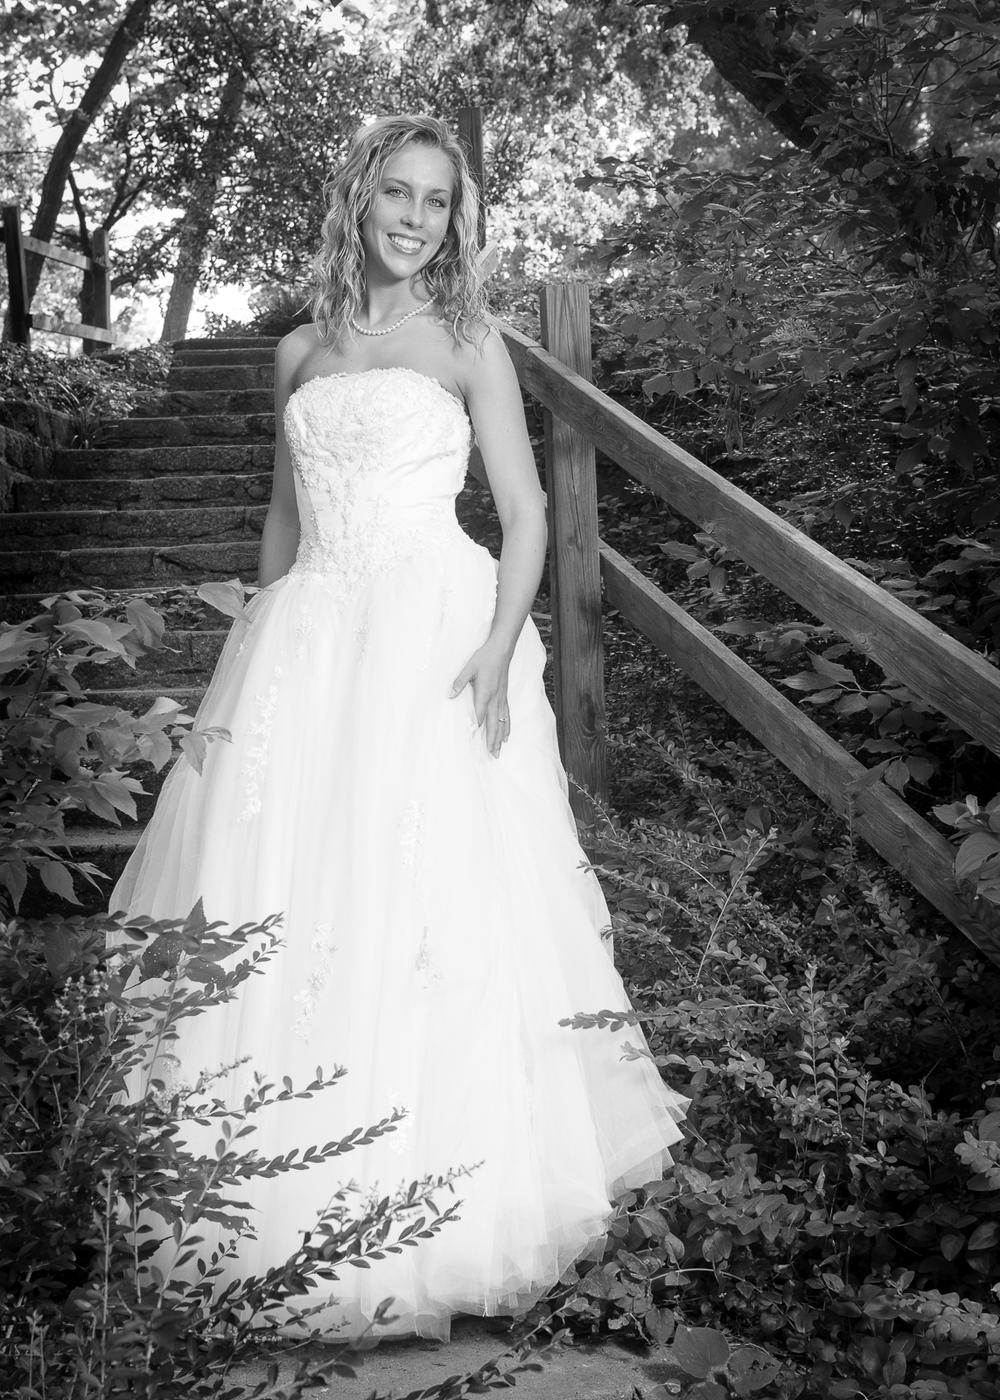 Michael-Napier-Weddings-Robb-Bridal-70 (9).jpg